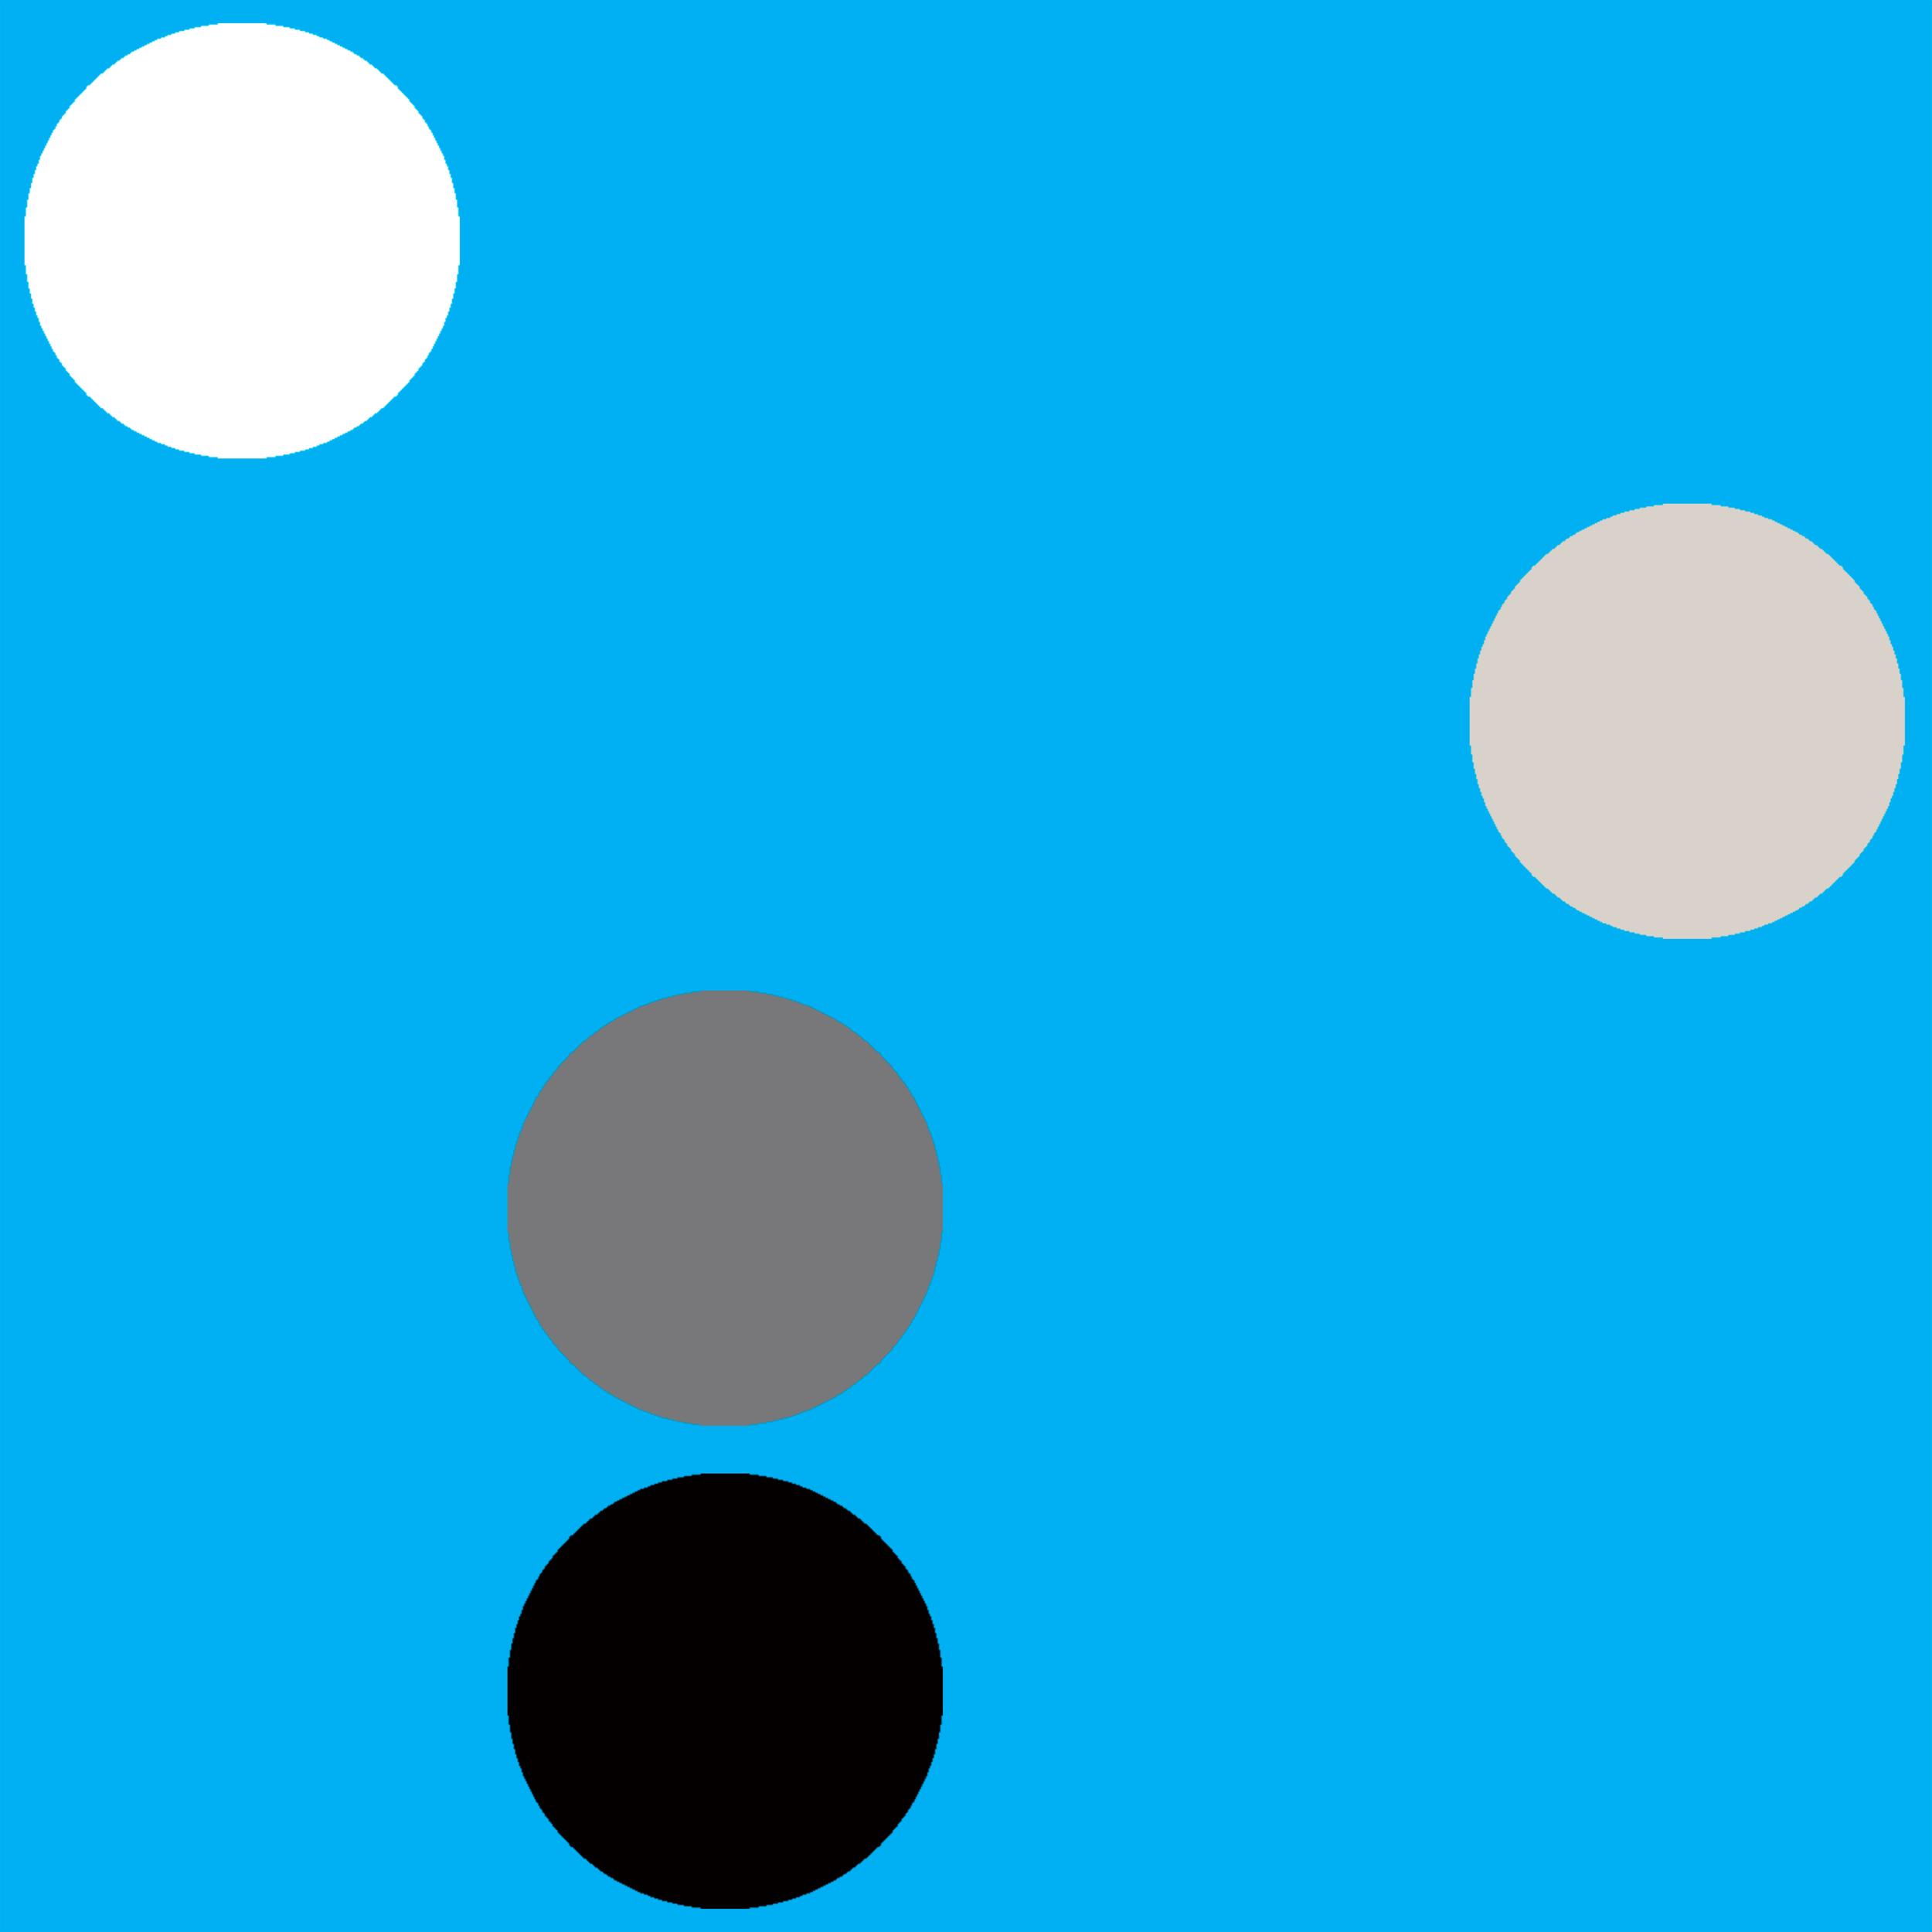 Rebranded color palette